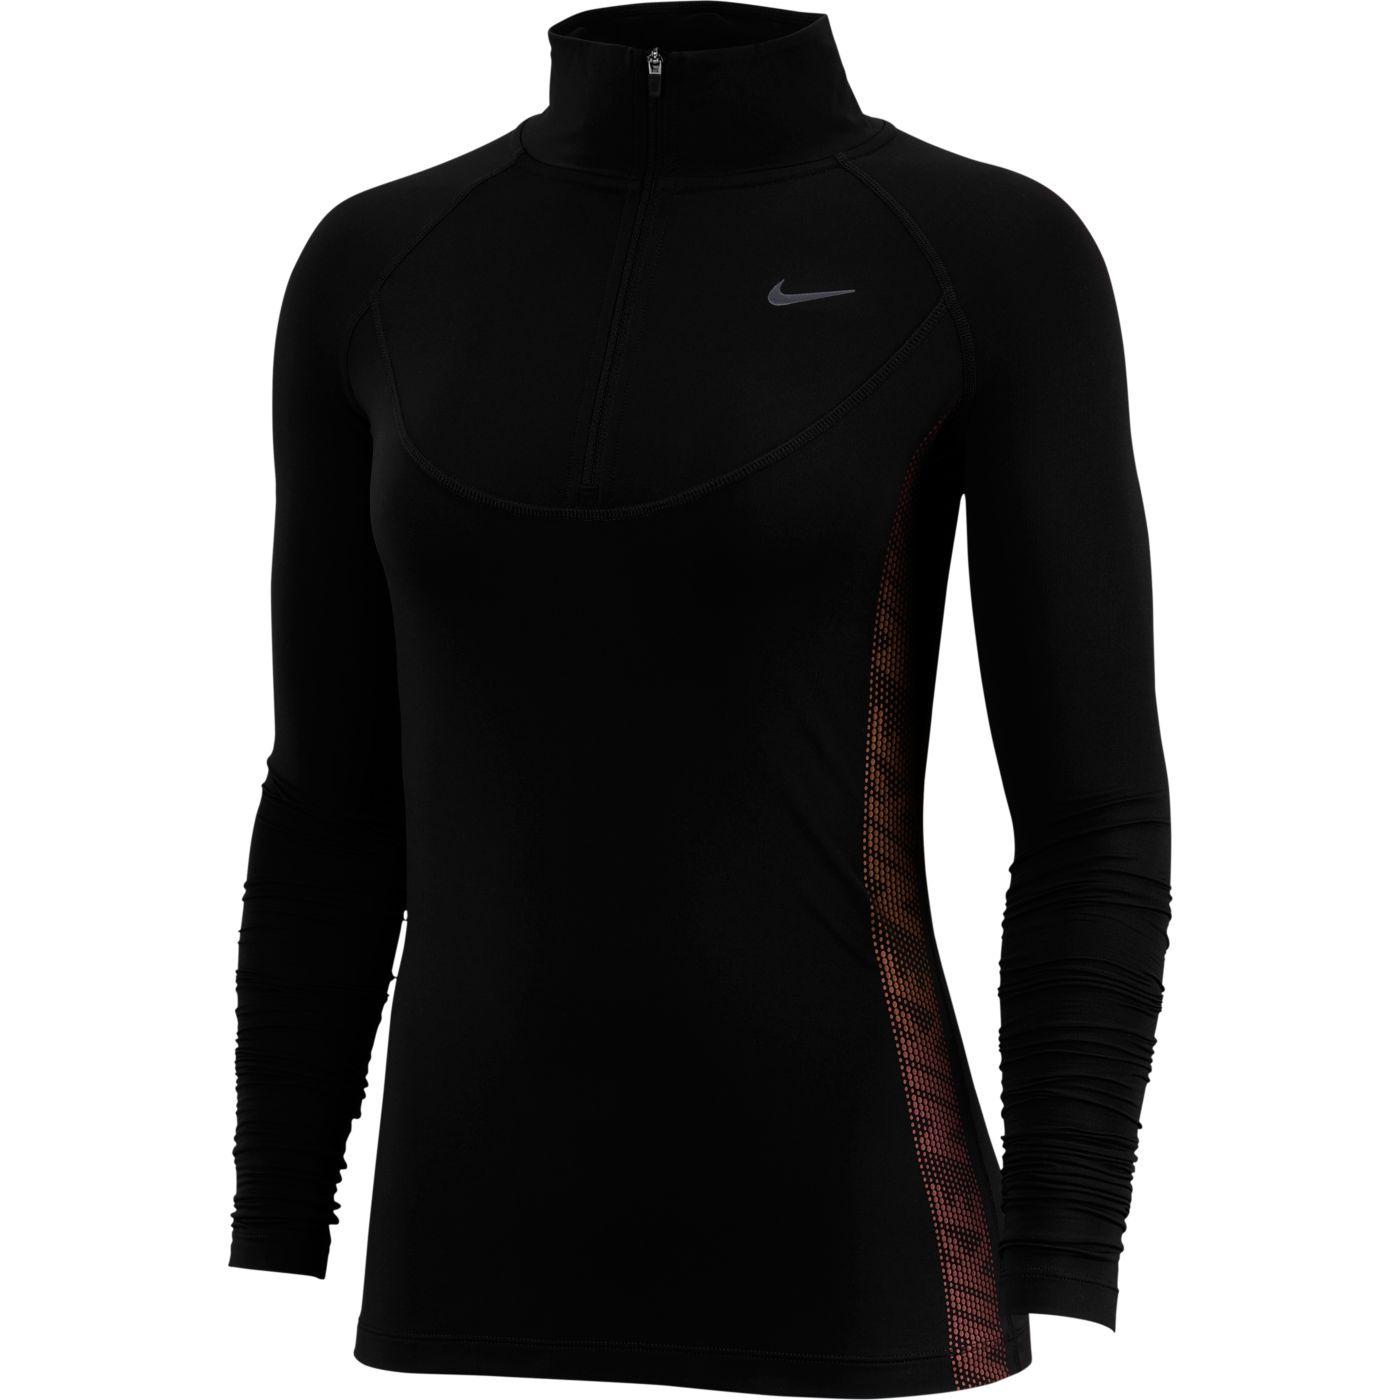 Nike Pro Women's Warm Nerdieds Half Zip Top